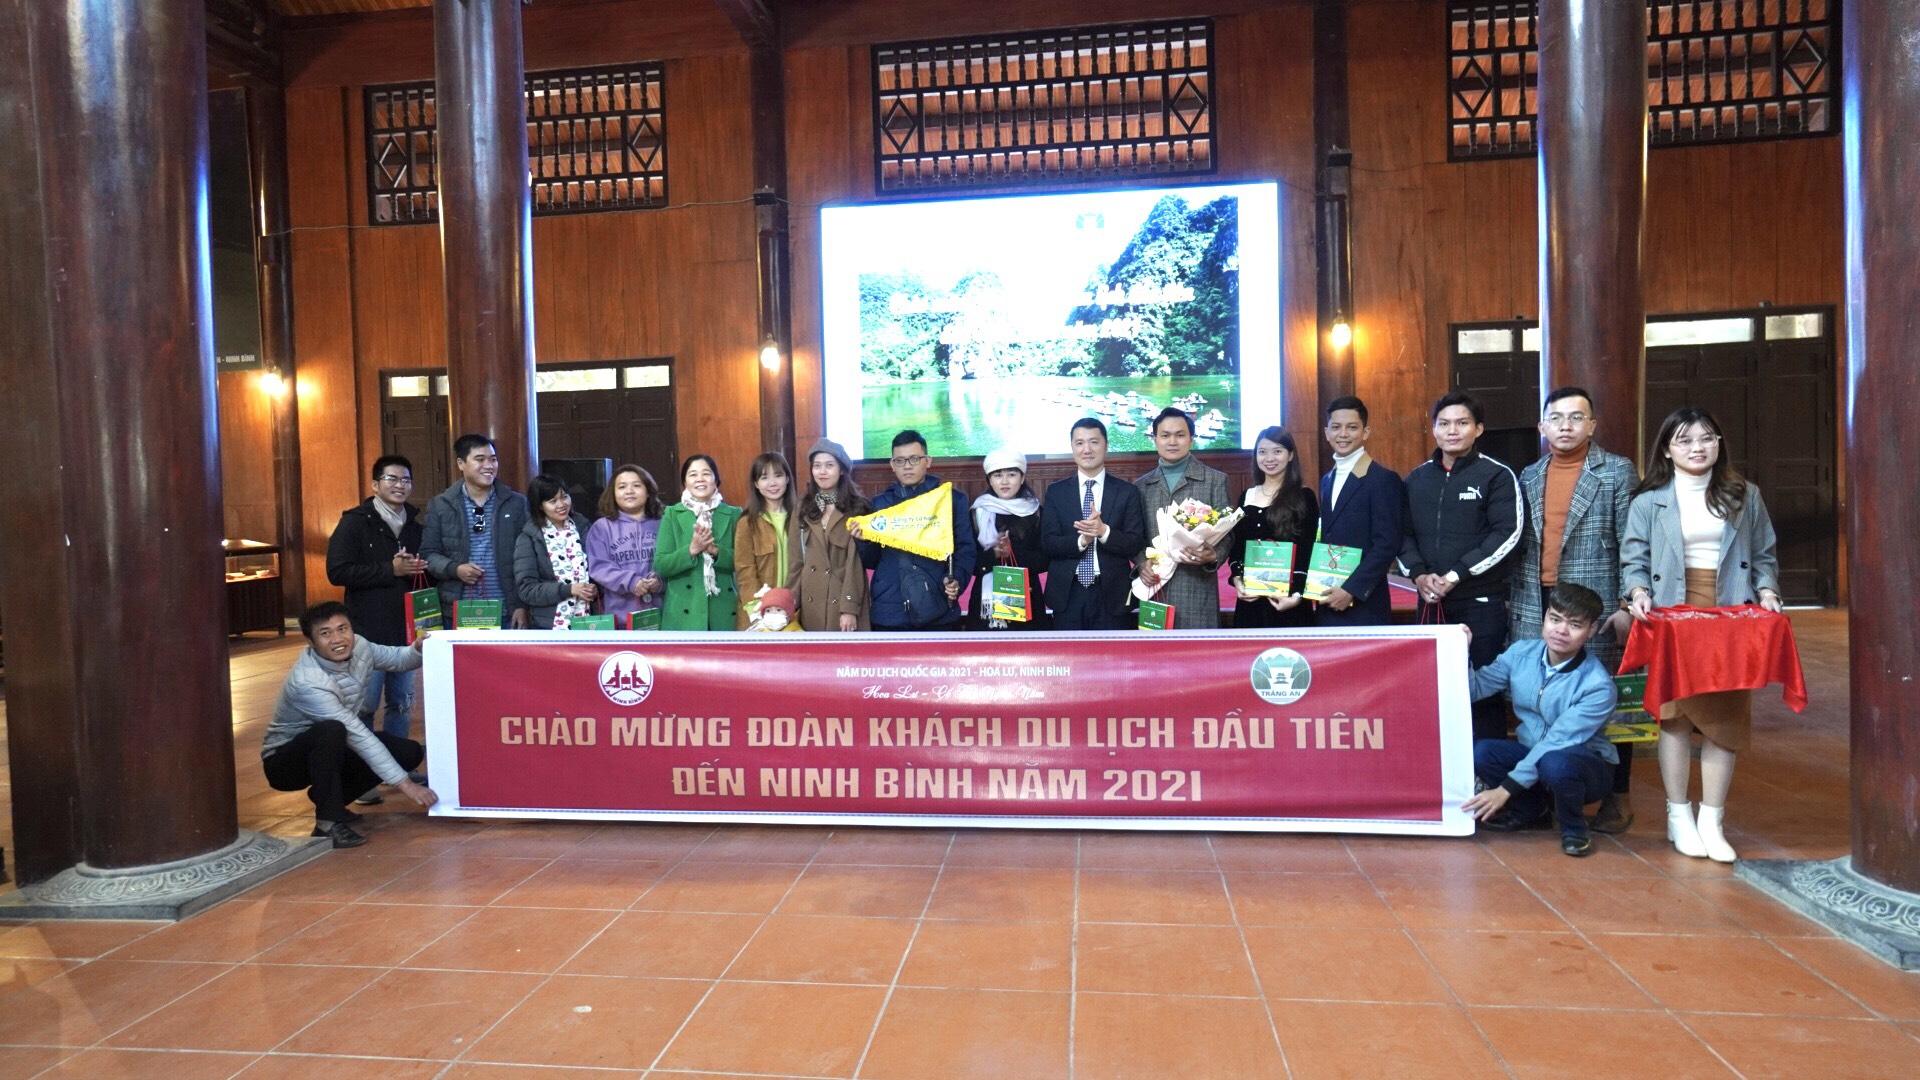 Ninh Bình đón đoàn khách du lịch đầu tiên năm 2021